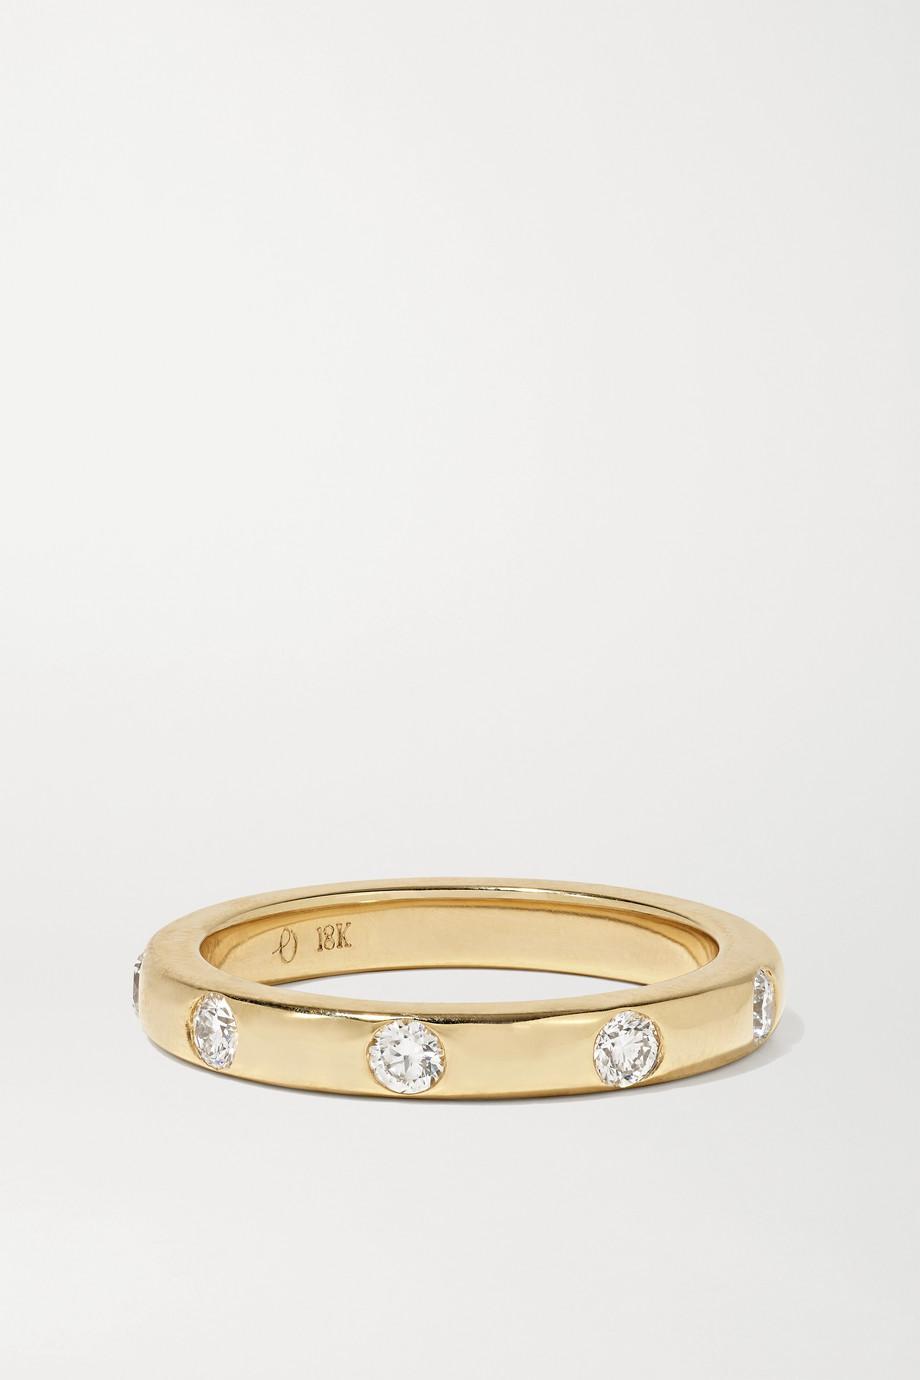 Octavia Elizabeth + NET SUSTAIN Ivy Ring aus 18 Karat Gold mit Diamanten